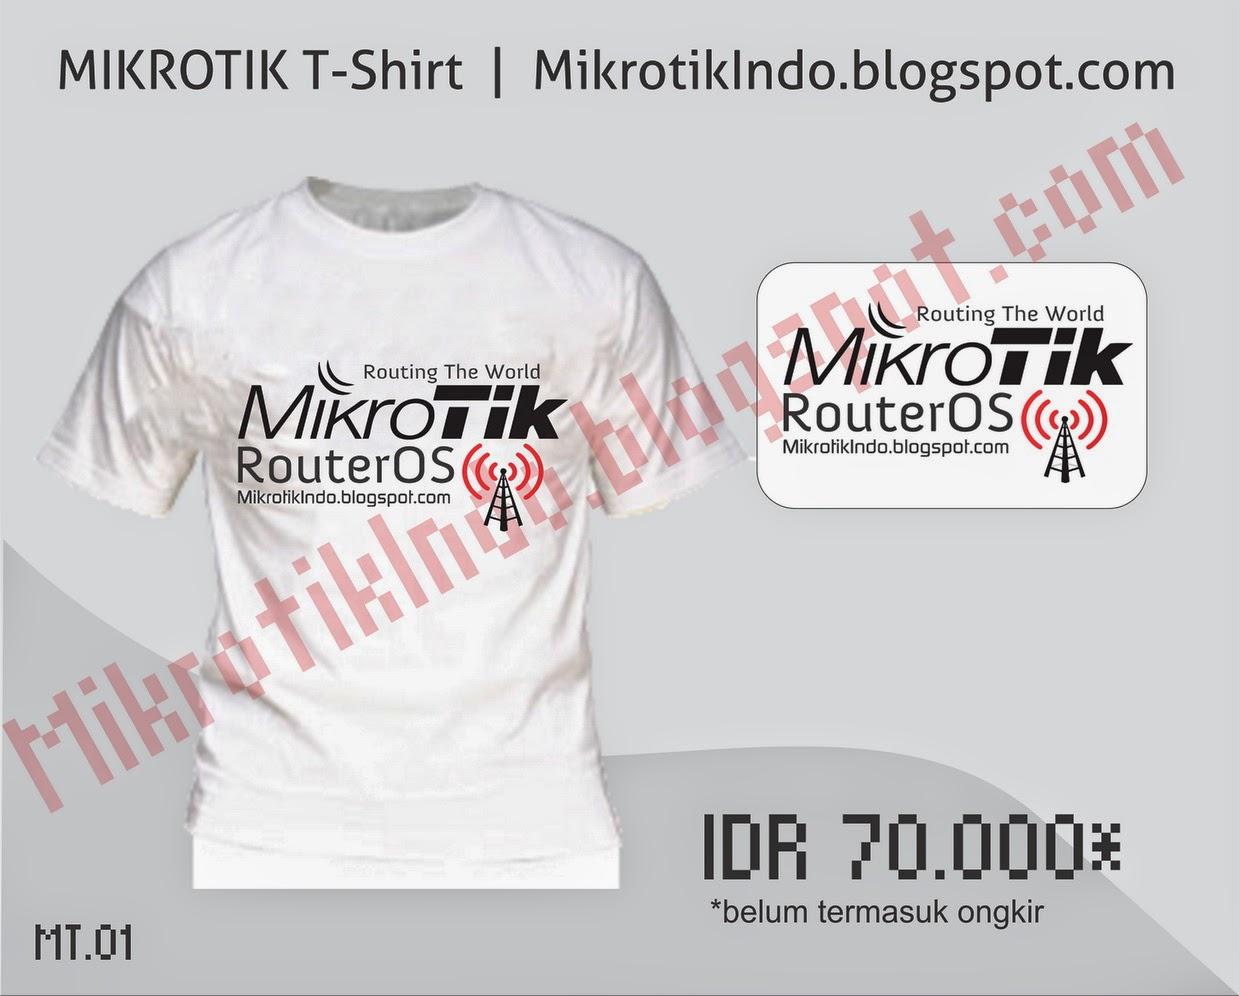 Kaos Mikrotik Keren by MikrotikIndo #2 – Pusat Pengetahuan